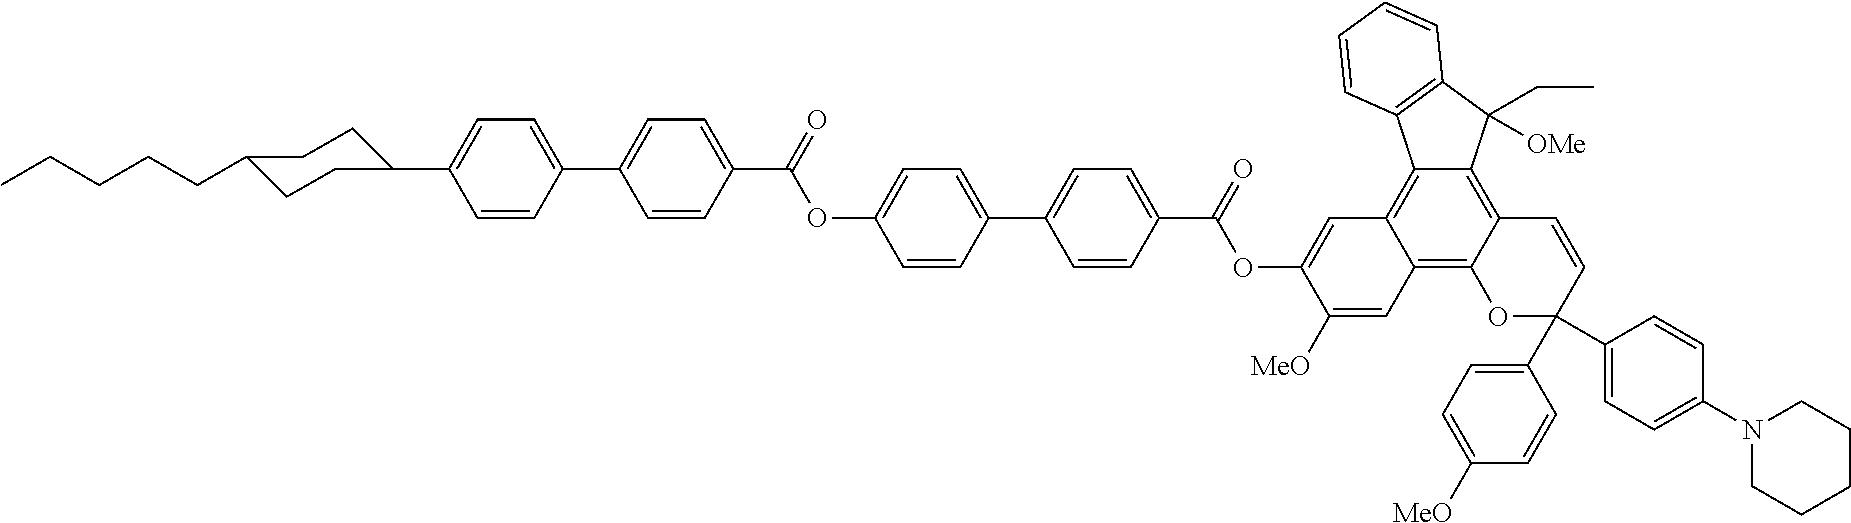 Figure US08518546-20130827-C00028